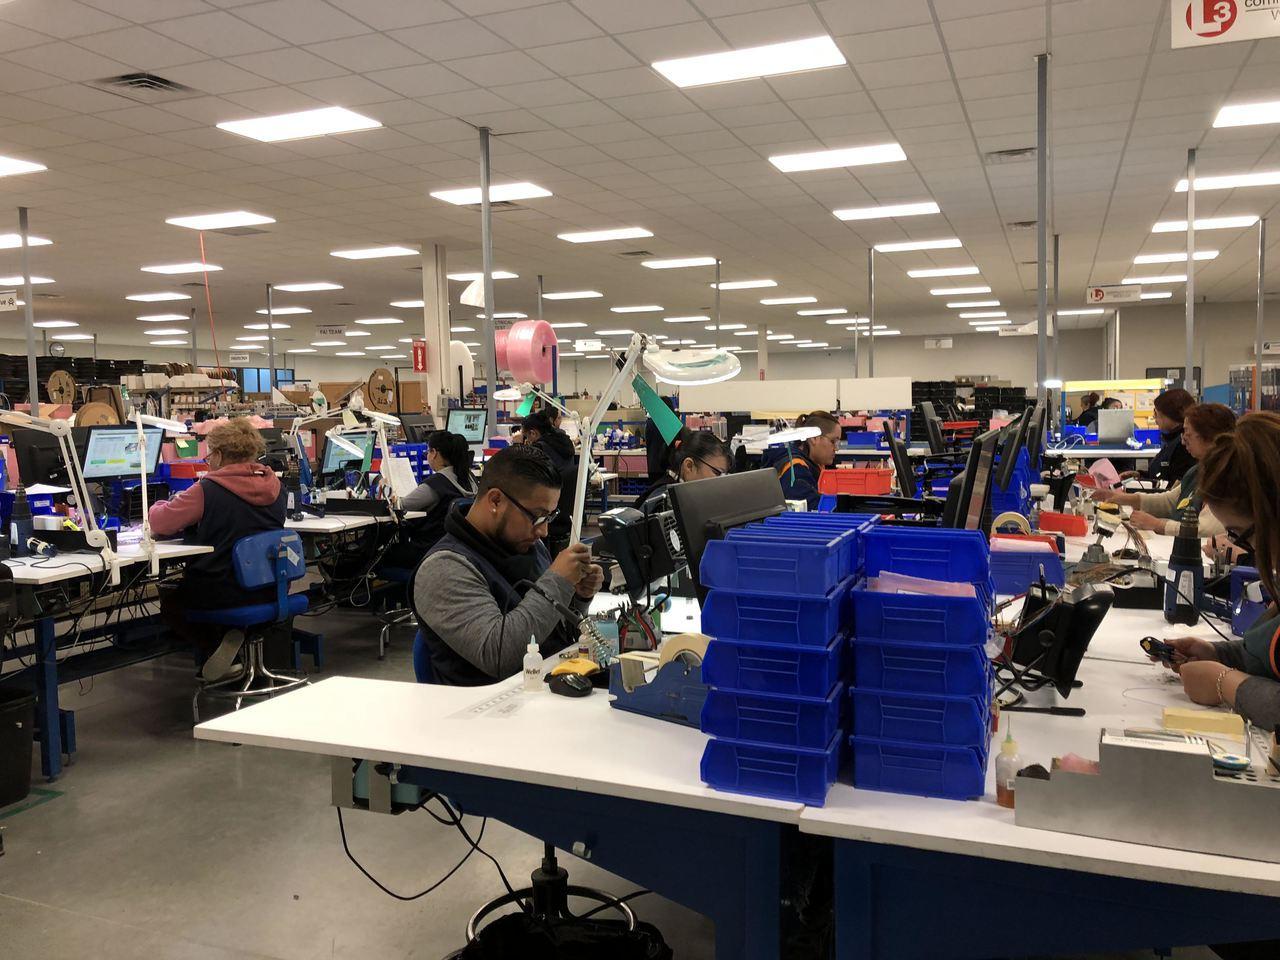 圖為事欣科墨西哥新廠中墨西哥員工工作狀況。 記者謝艾莉/攝影